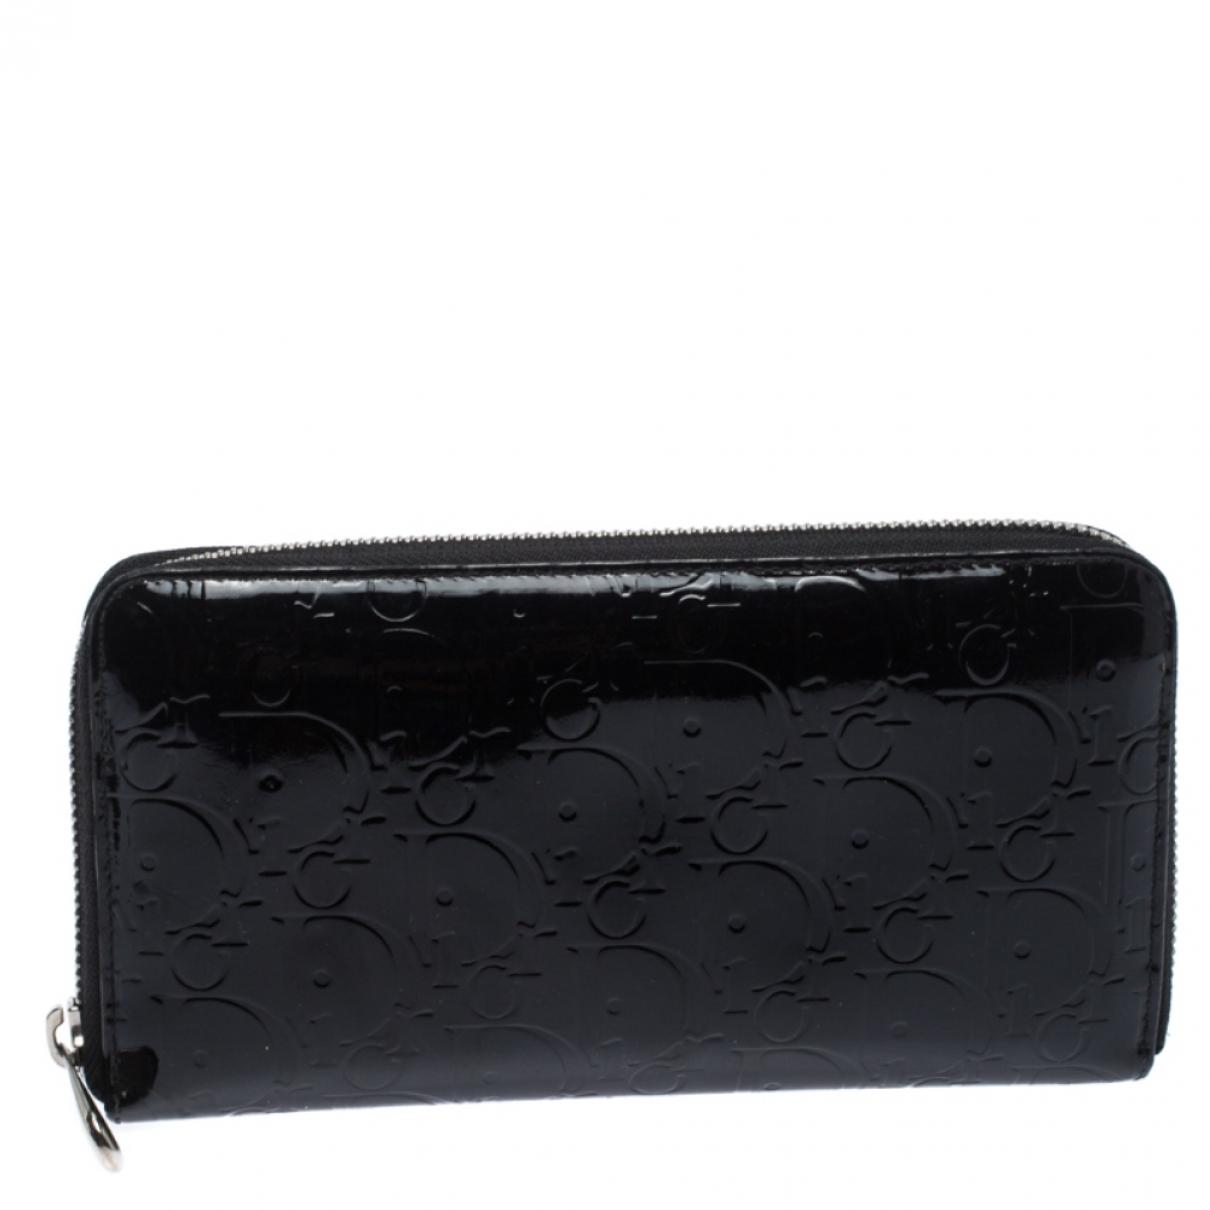 Dior Diorissimo Portemonnaie in  Schwarz Lackleder